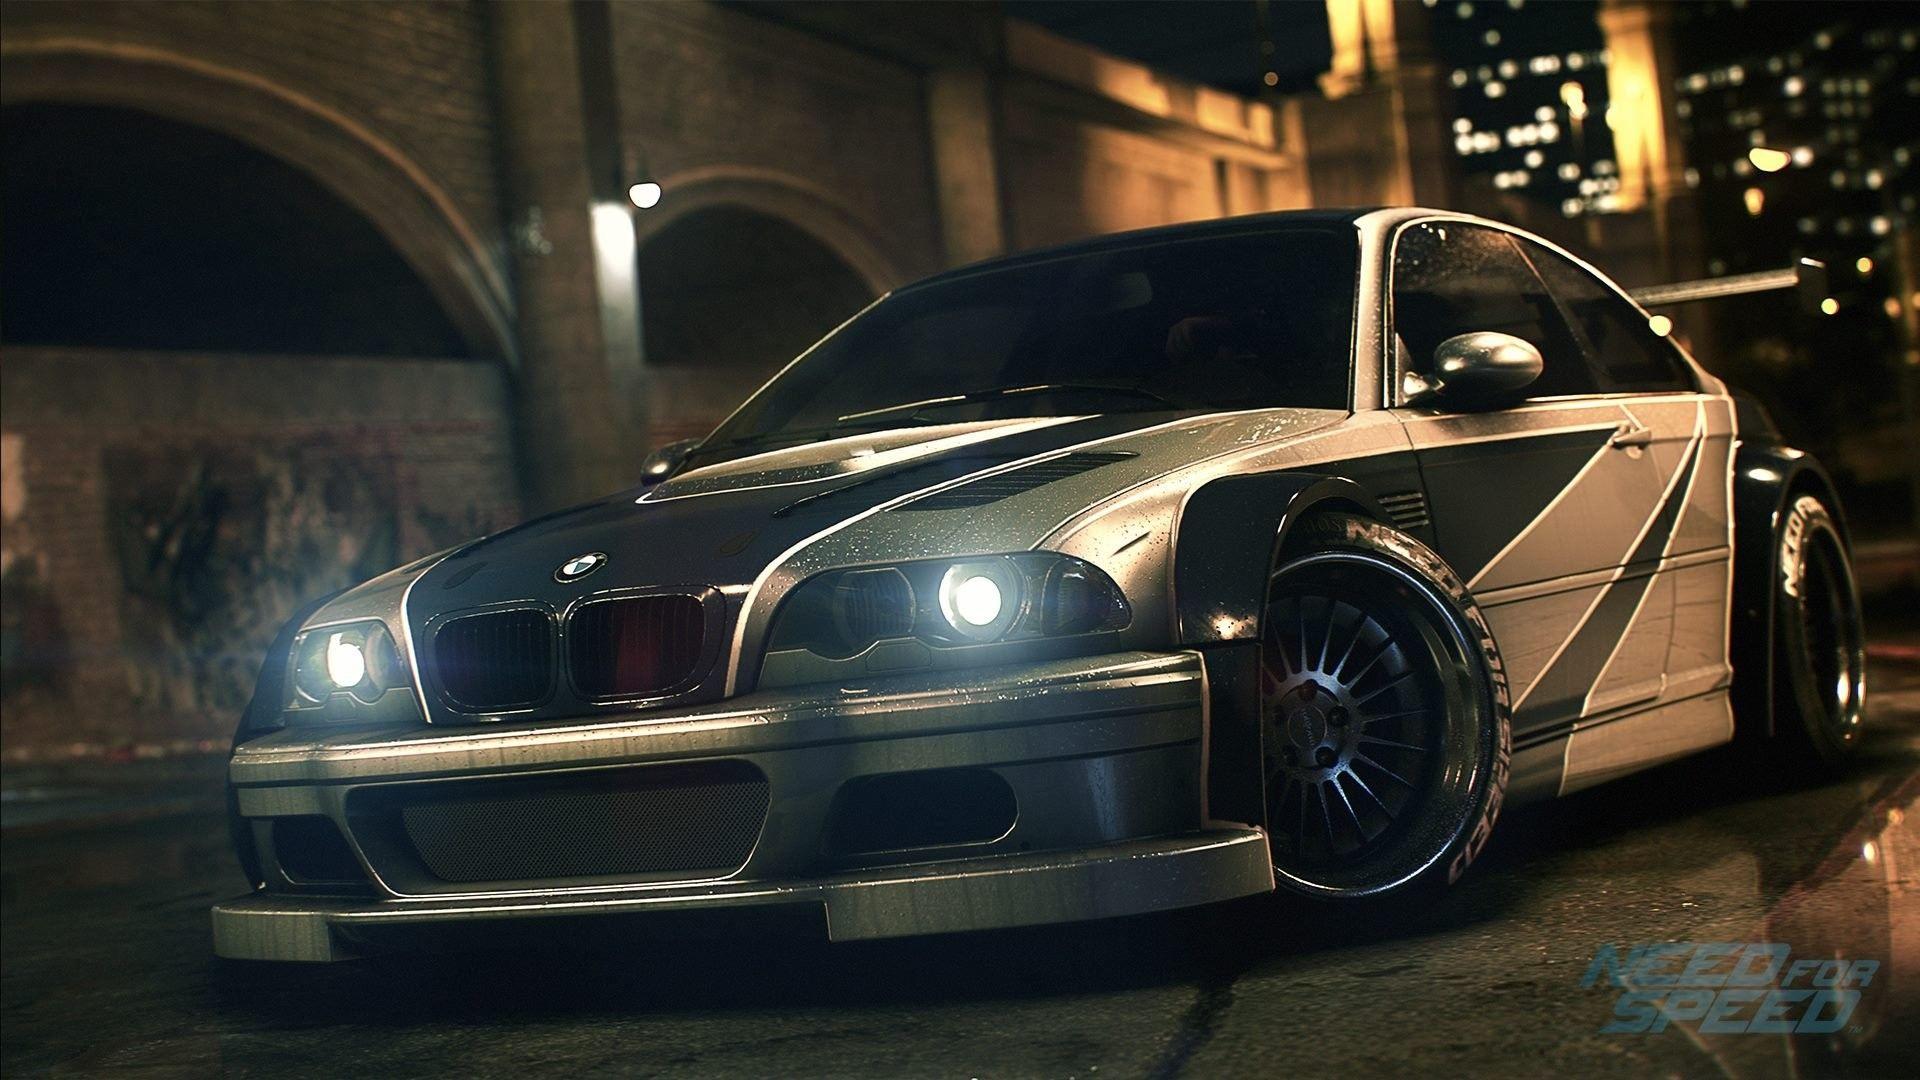 Need For Speed Bmw M3 Gtr 1920x1080 M3 Gtr Bmw Bmw M3